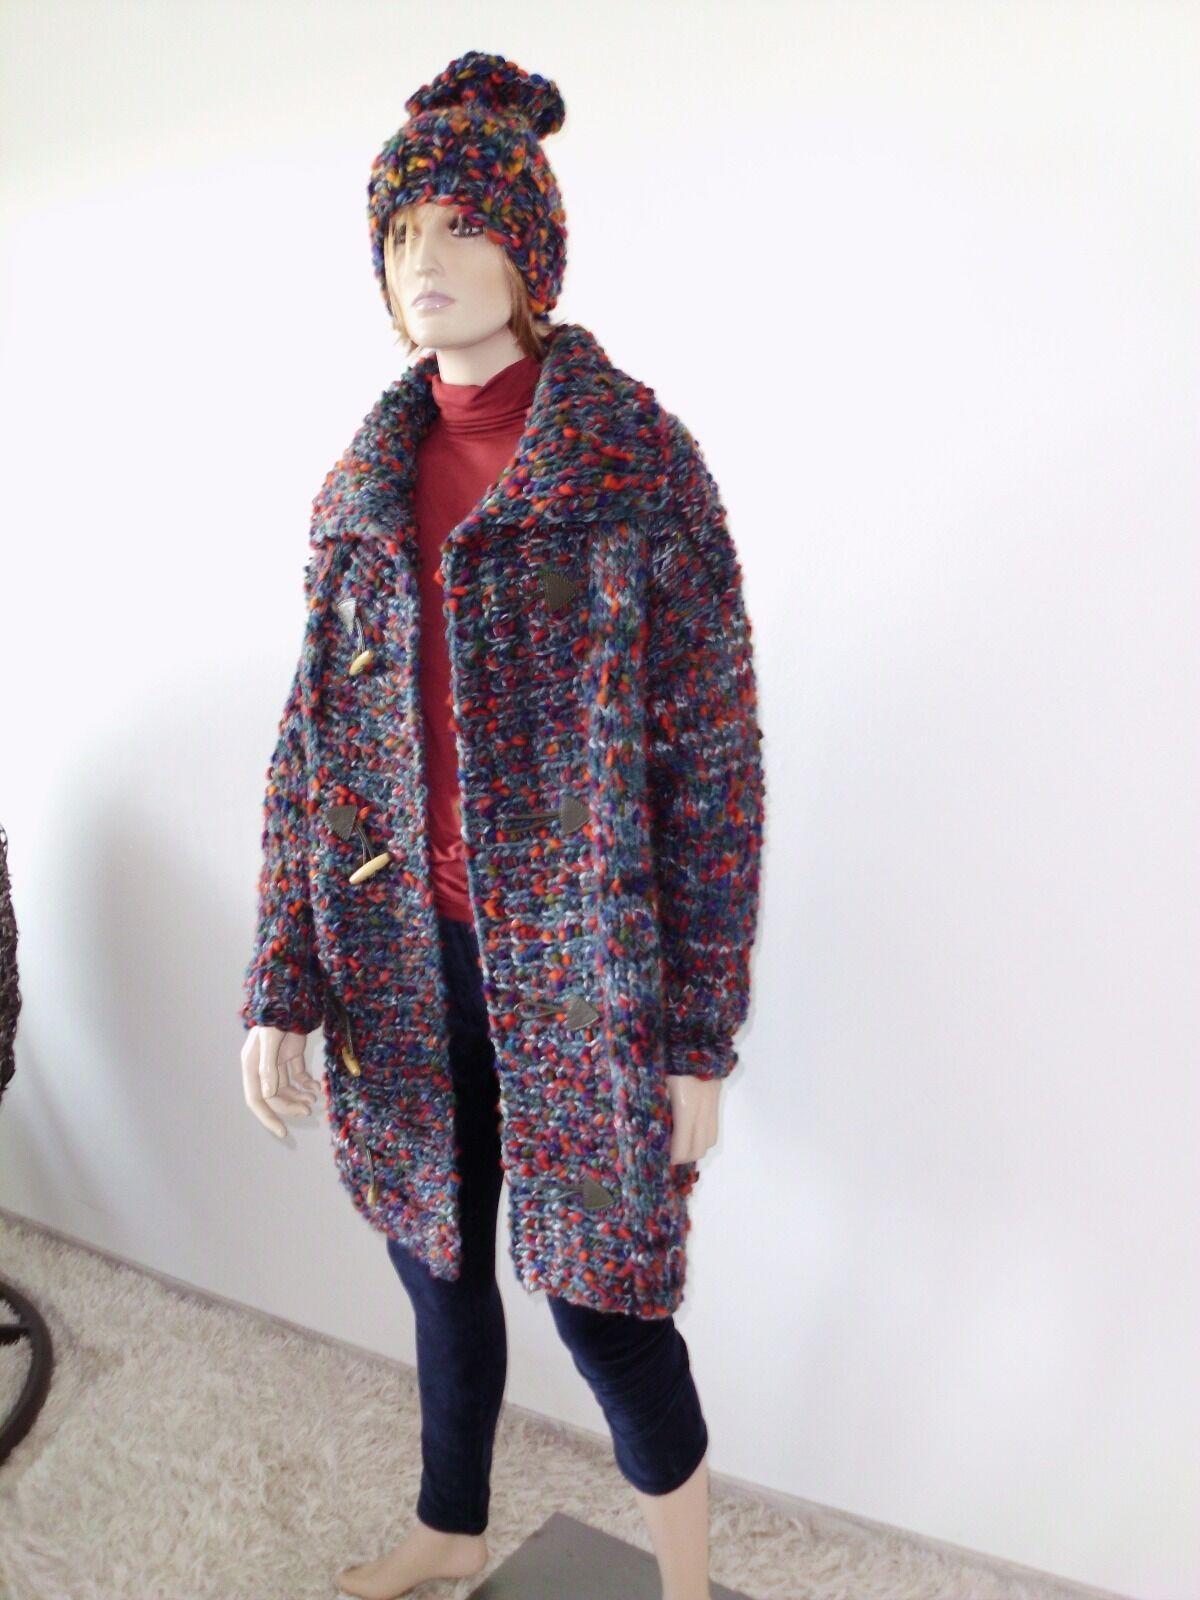 Jacke Strickjacke Mantel handgestrickt  handknitted 42 44 L XL bunt sweater